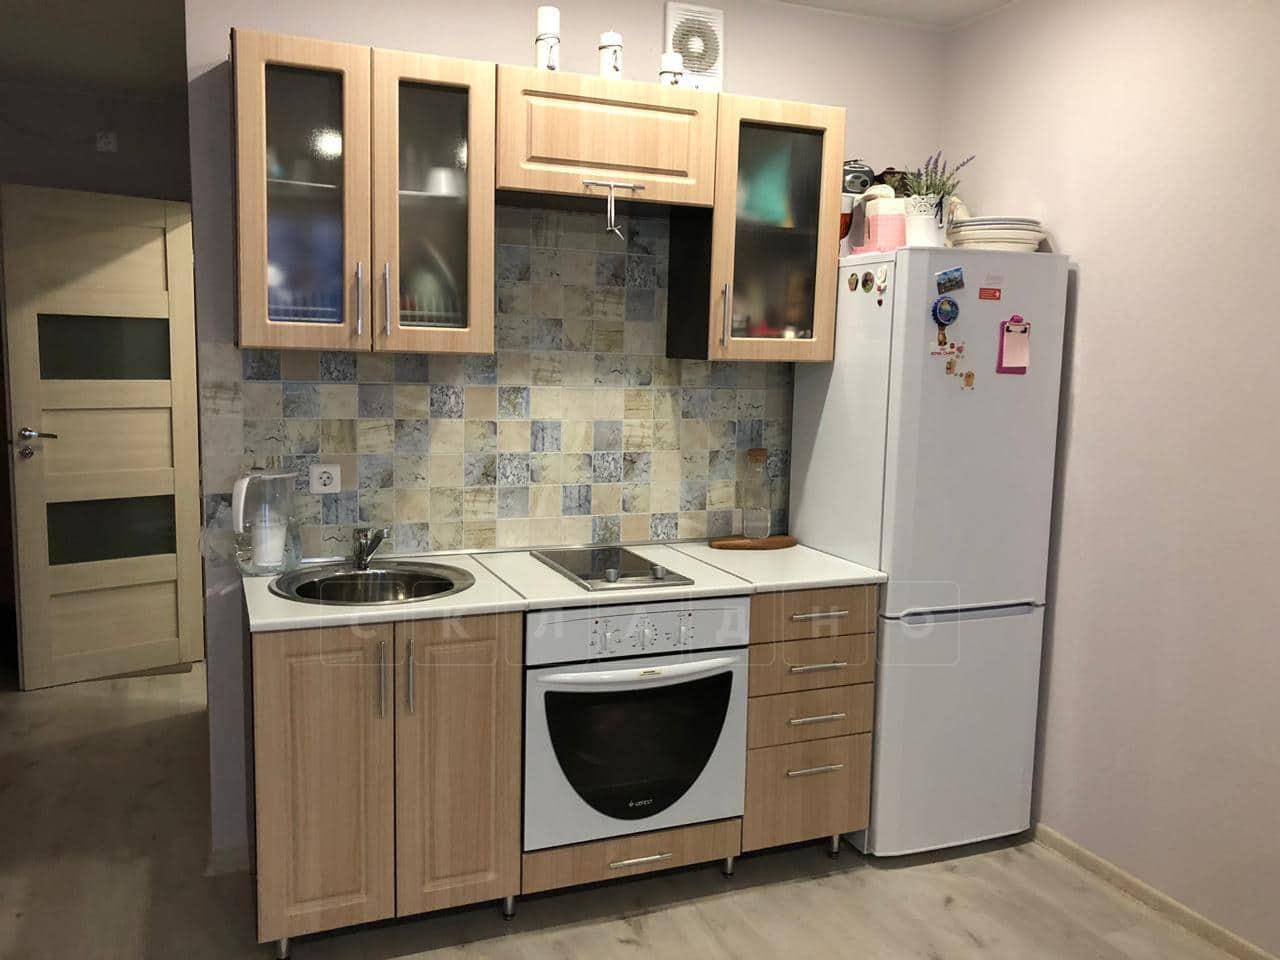 Кухонный гарнитур Венеция 2,5 м фото 5 | интернет-магазин Складно